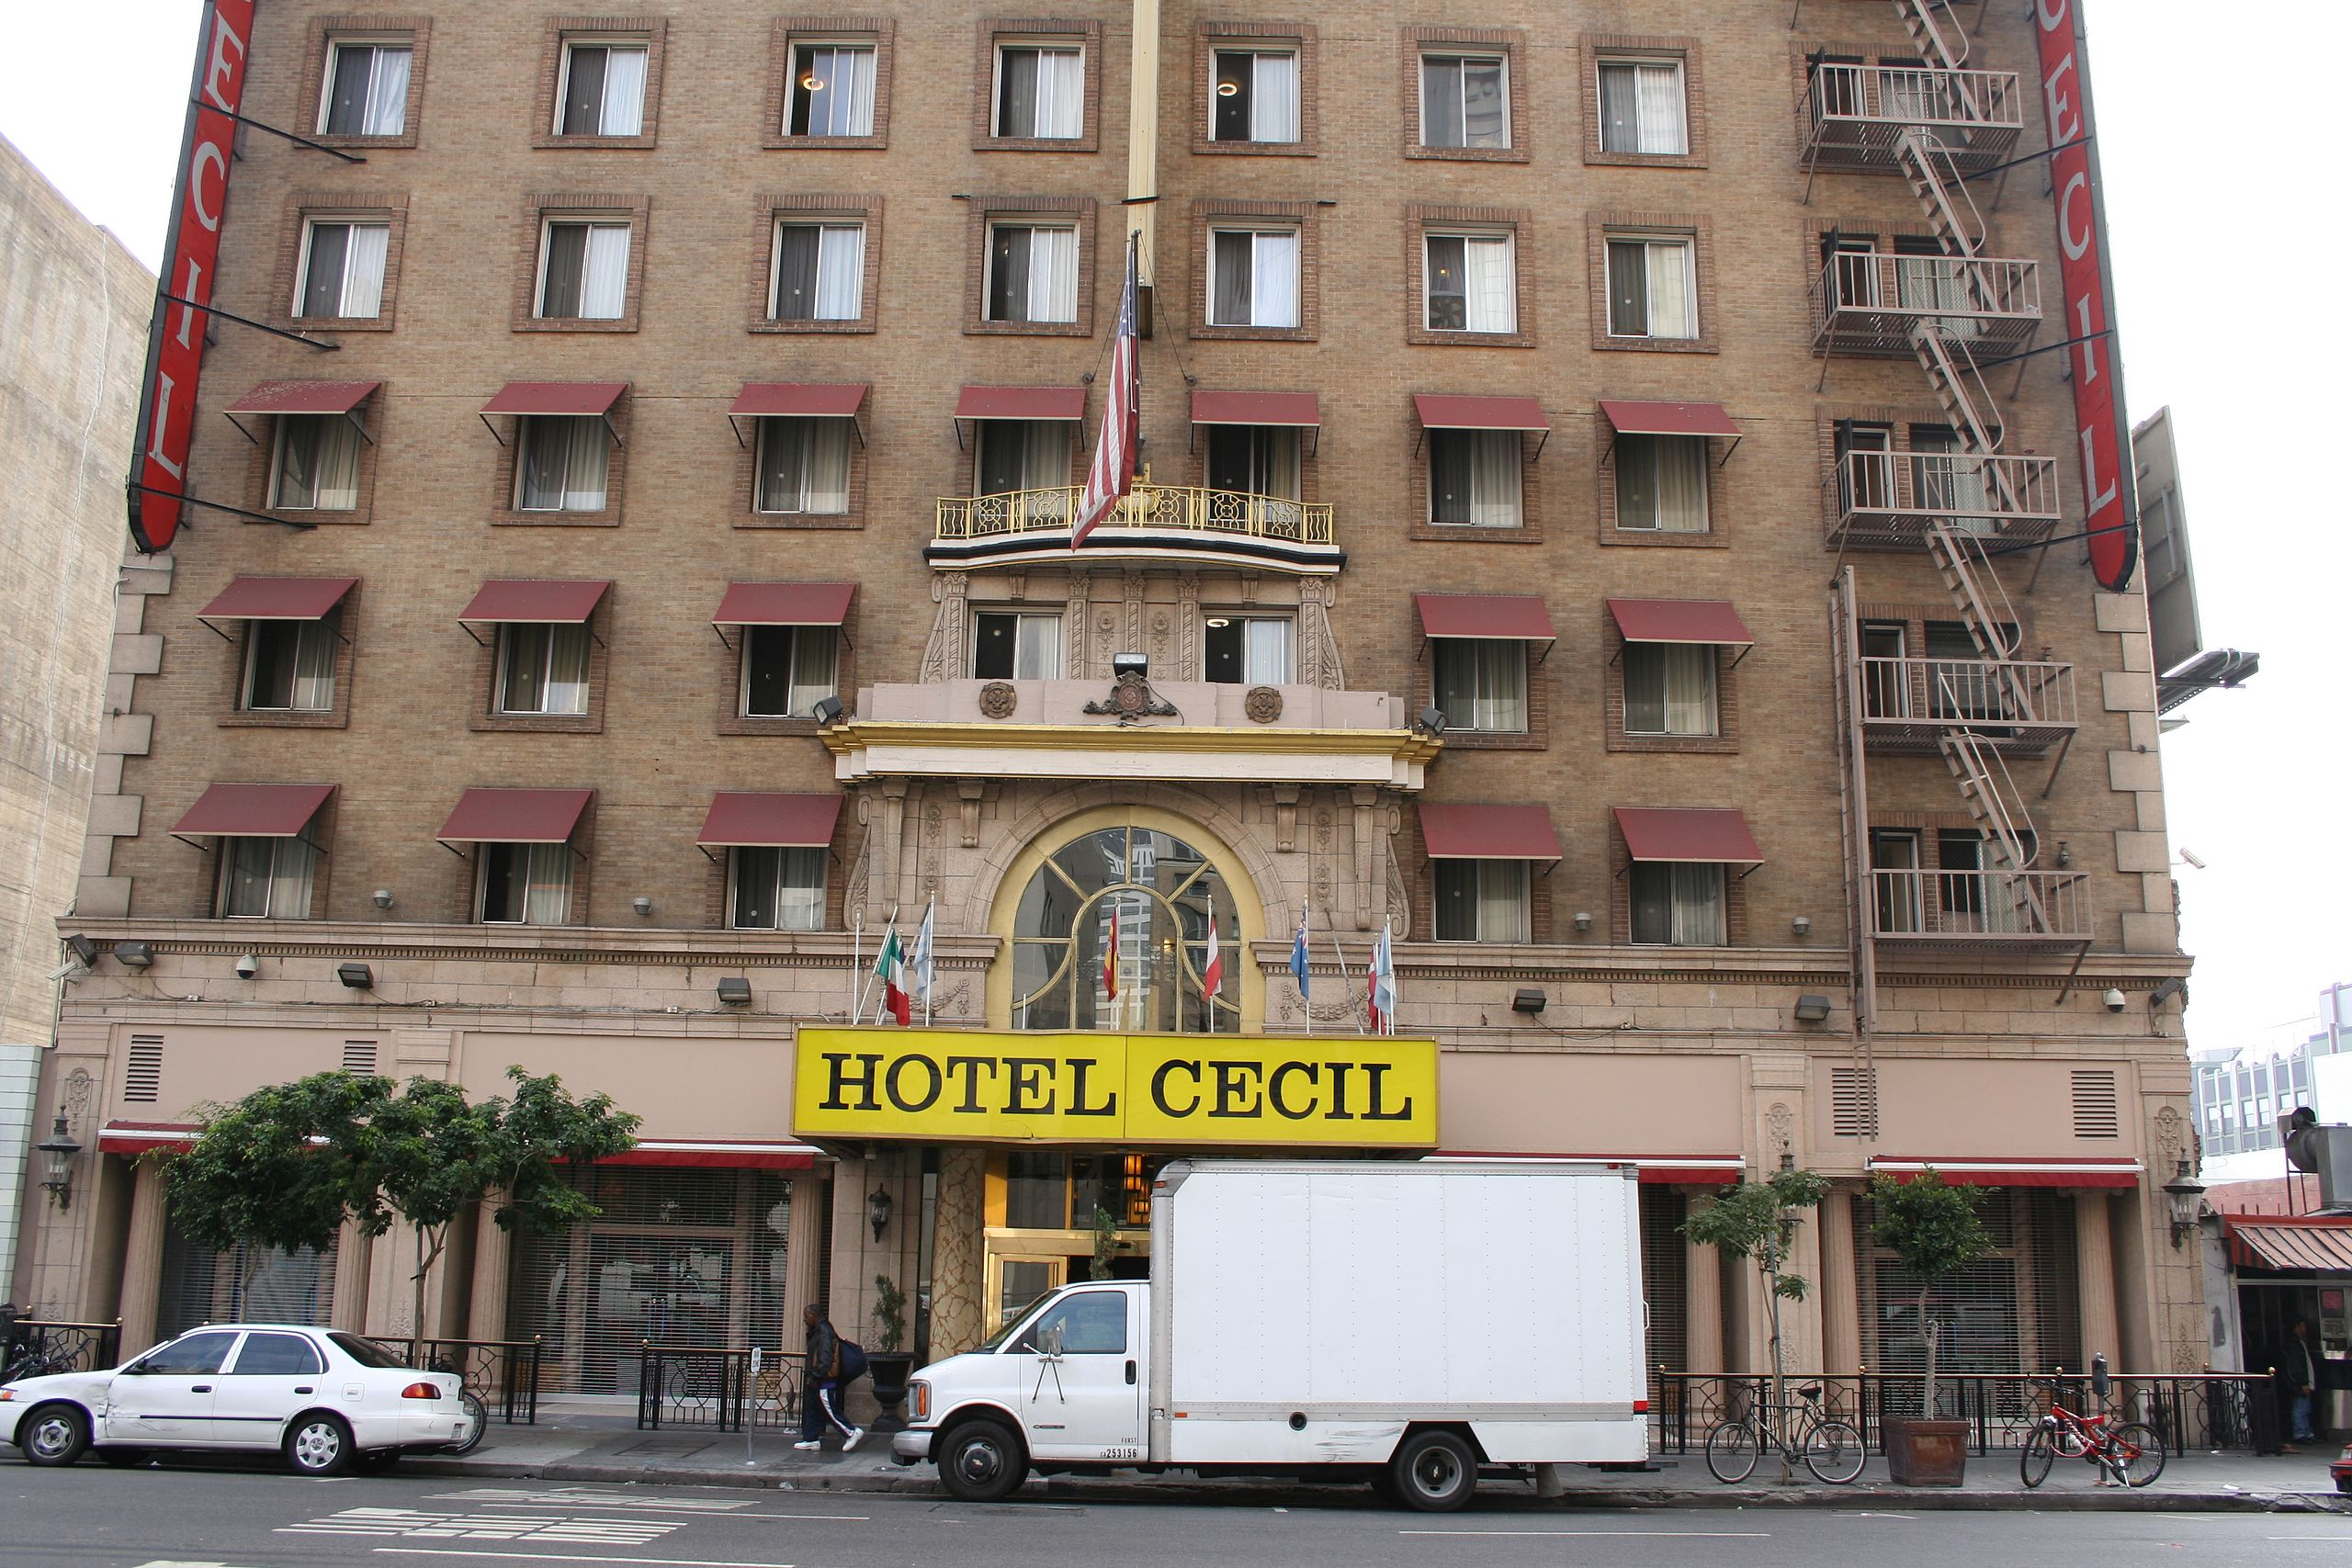 """黄褐色の煉瓦造りの建物。下階の部屋の窓には日除けがついている。右側には避難経路がある。通りに面した出入り口の上には、黄の背景に黒い文字で""""Hotel Cecil""""と書かれている。"""